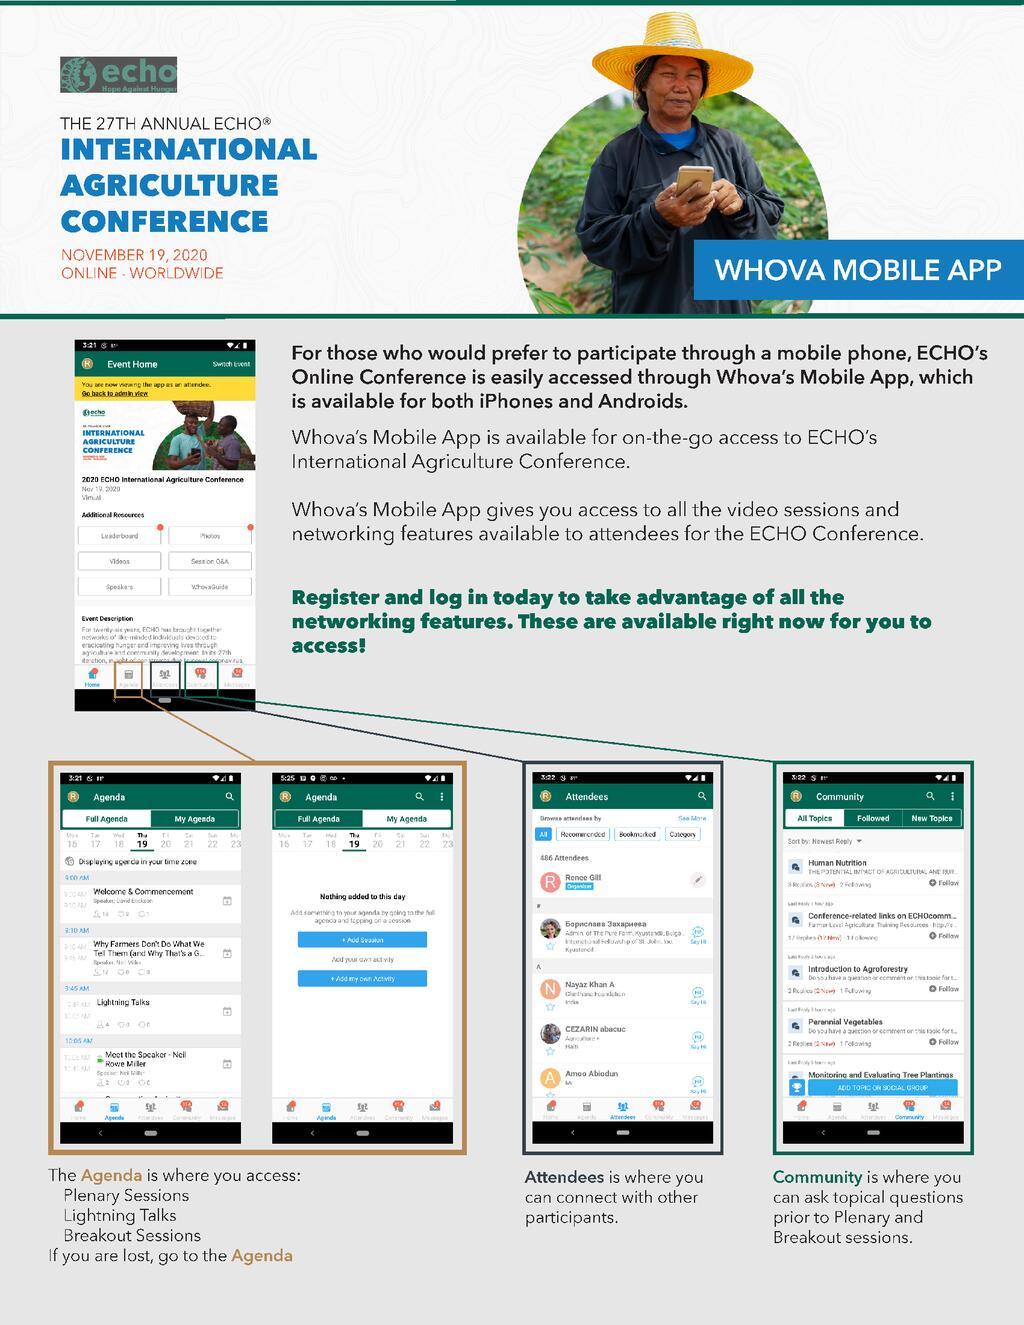 Whova Mobile App